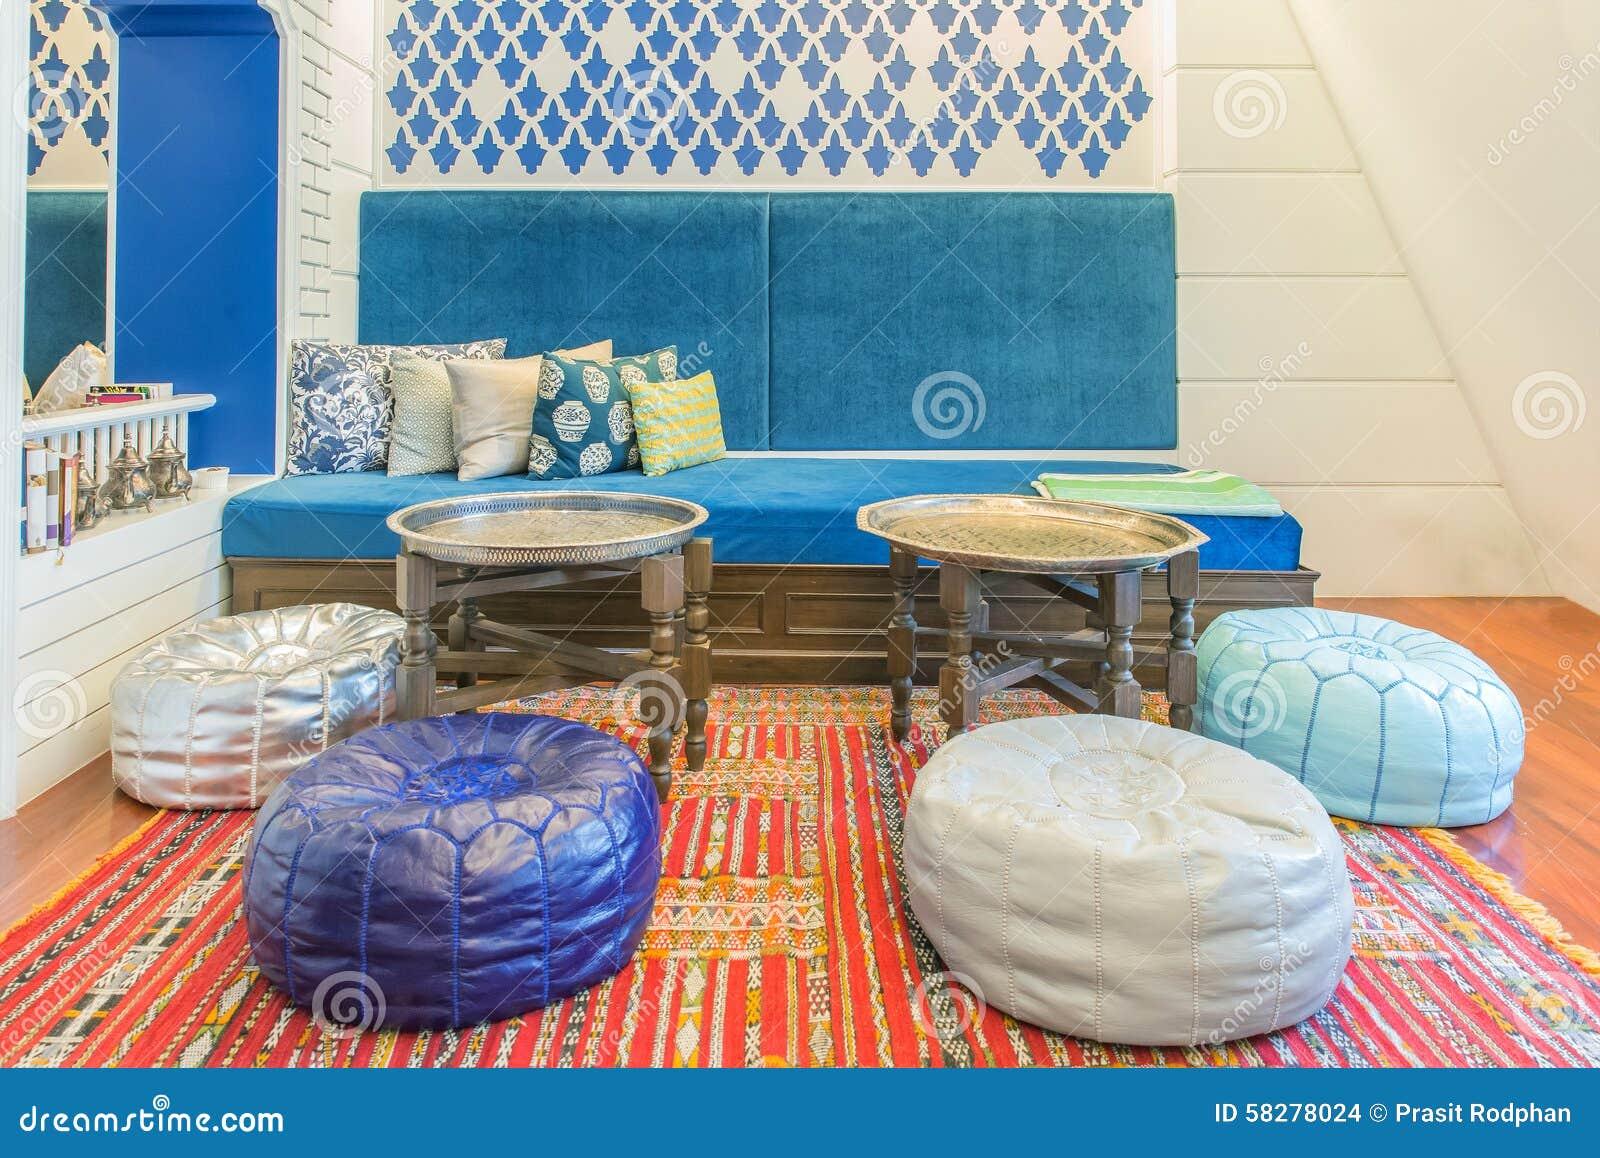 marokkanische art im wohnzimmer stockfoto - bild: 58278024, Wohnzimmer